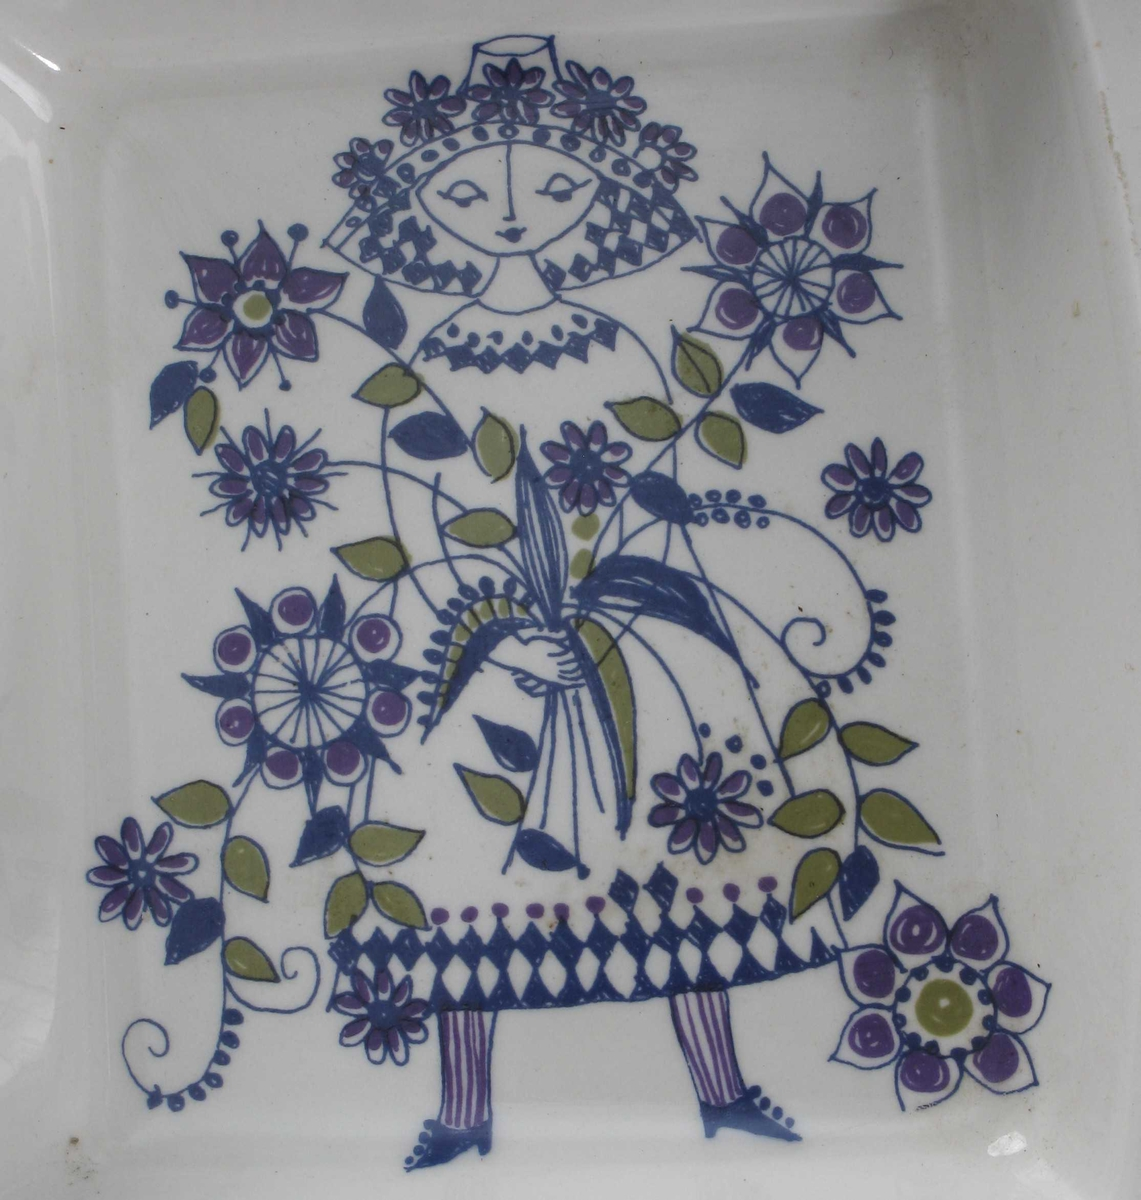 Stående dame ikledd kjole og hatt, holder stor blomsterbukett i hendene.